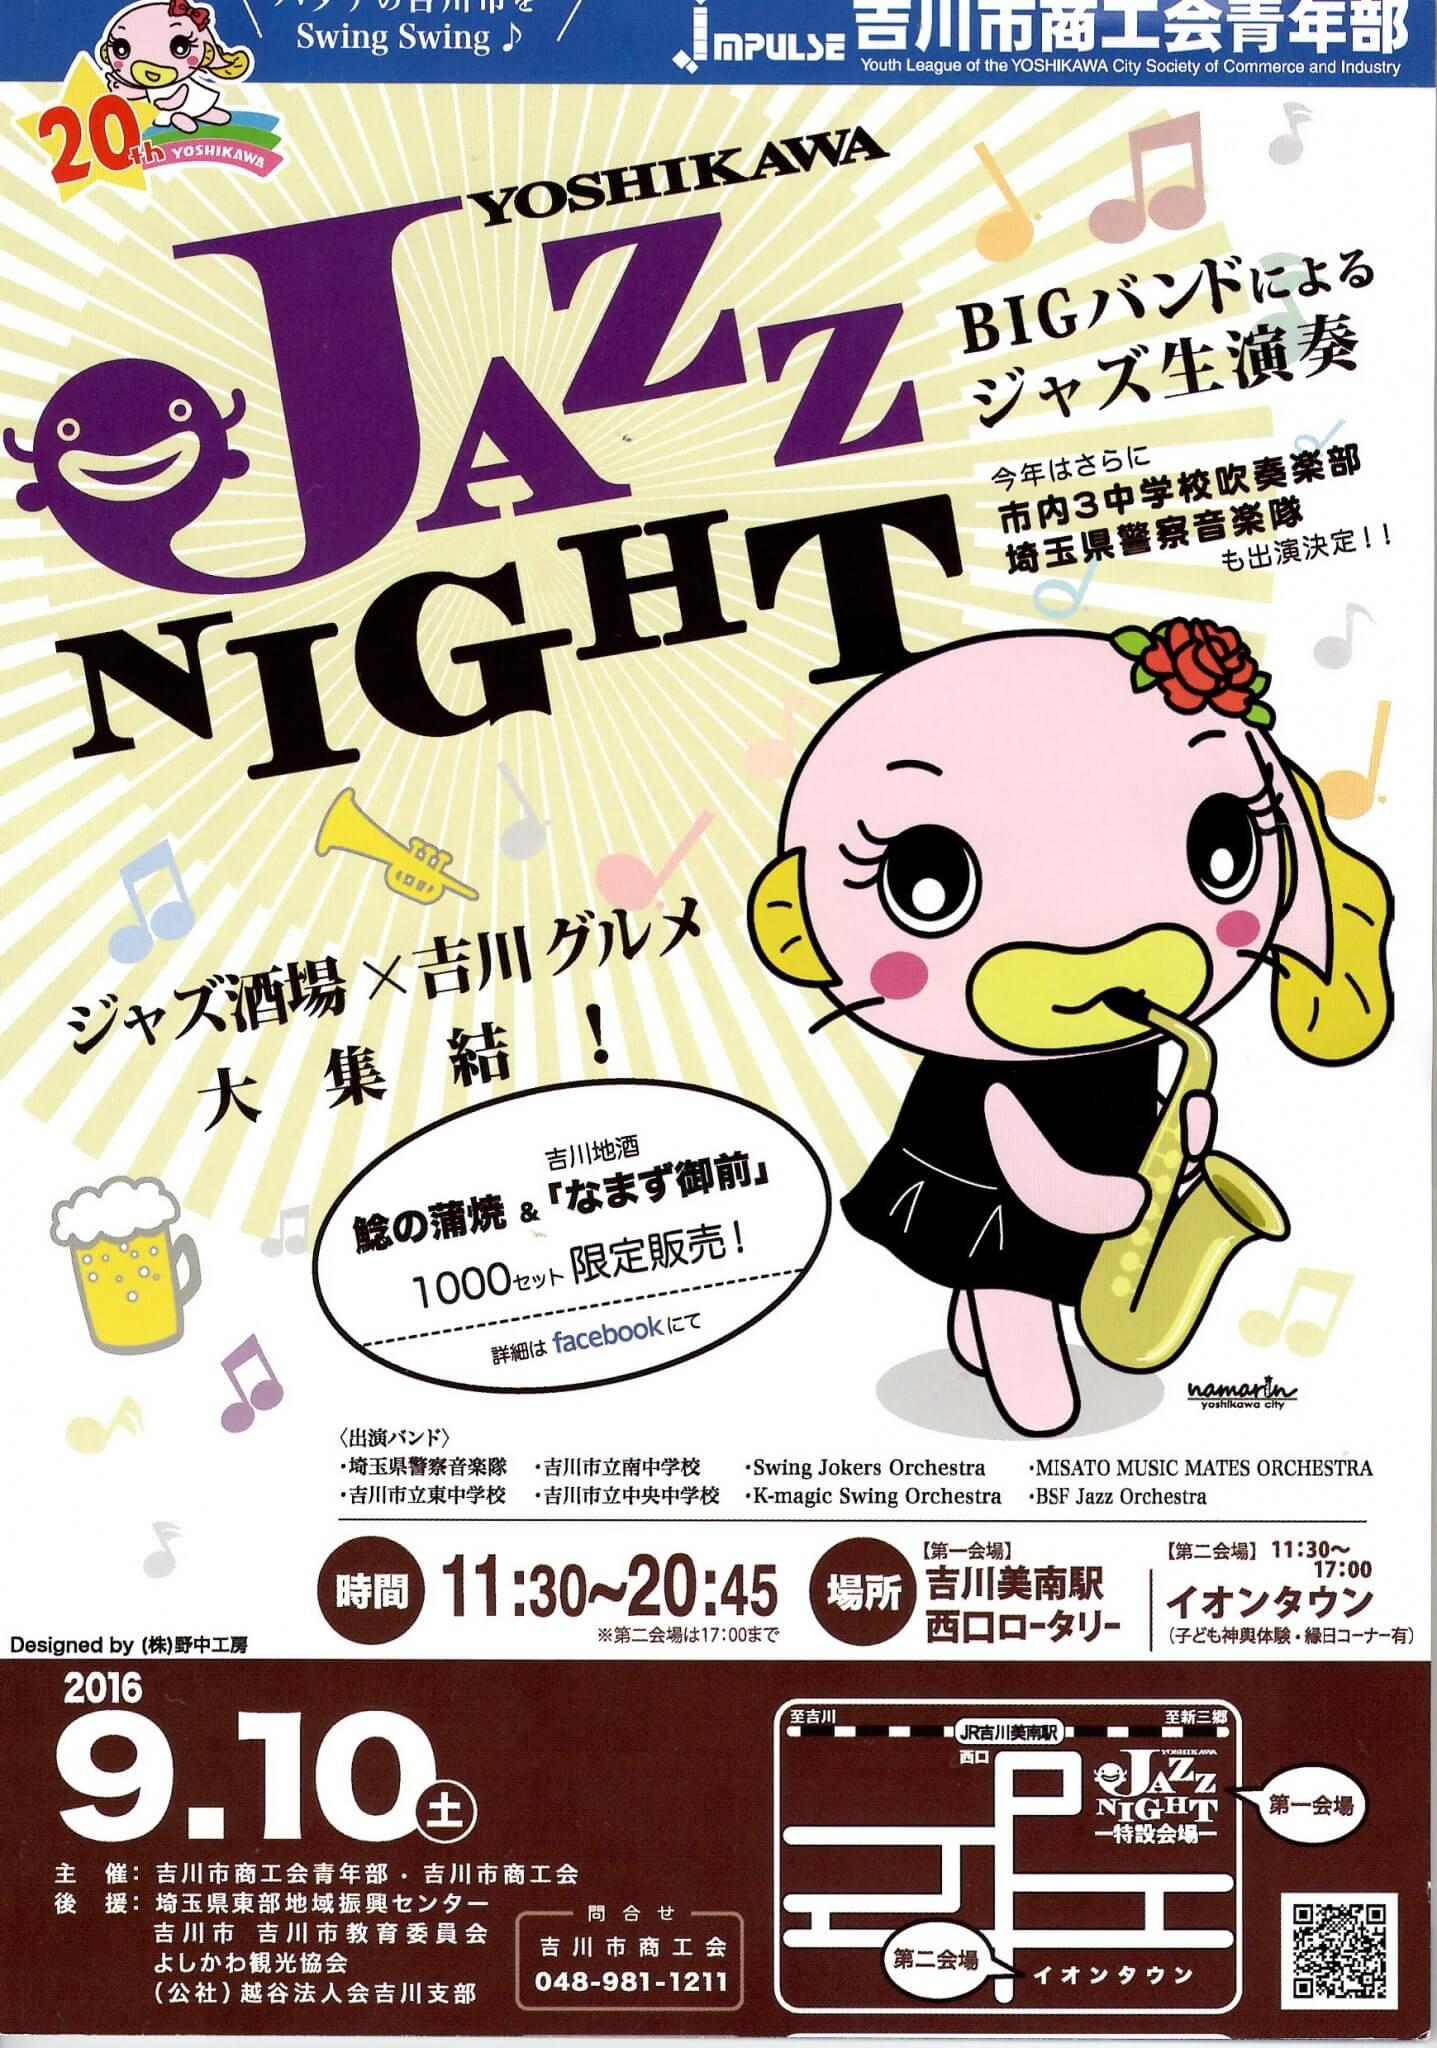 YOSHIKAWA JAZZ NIGHTに行ってきました!今年で吉川市制になって20年目!